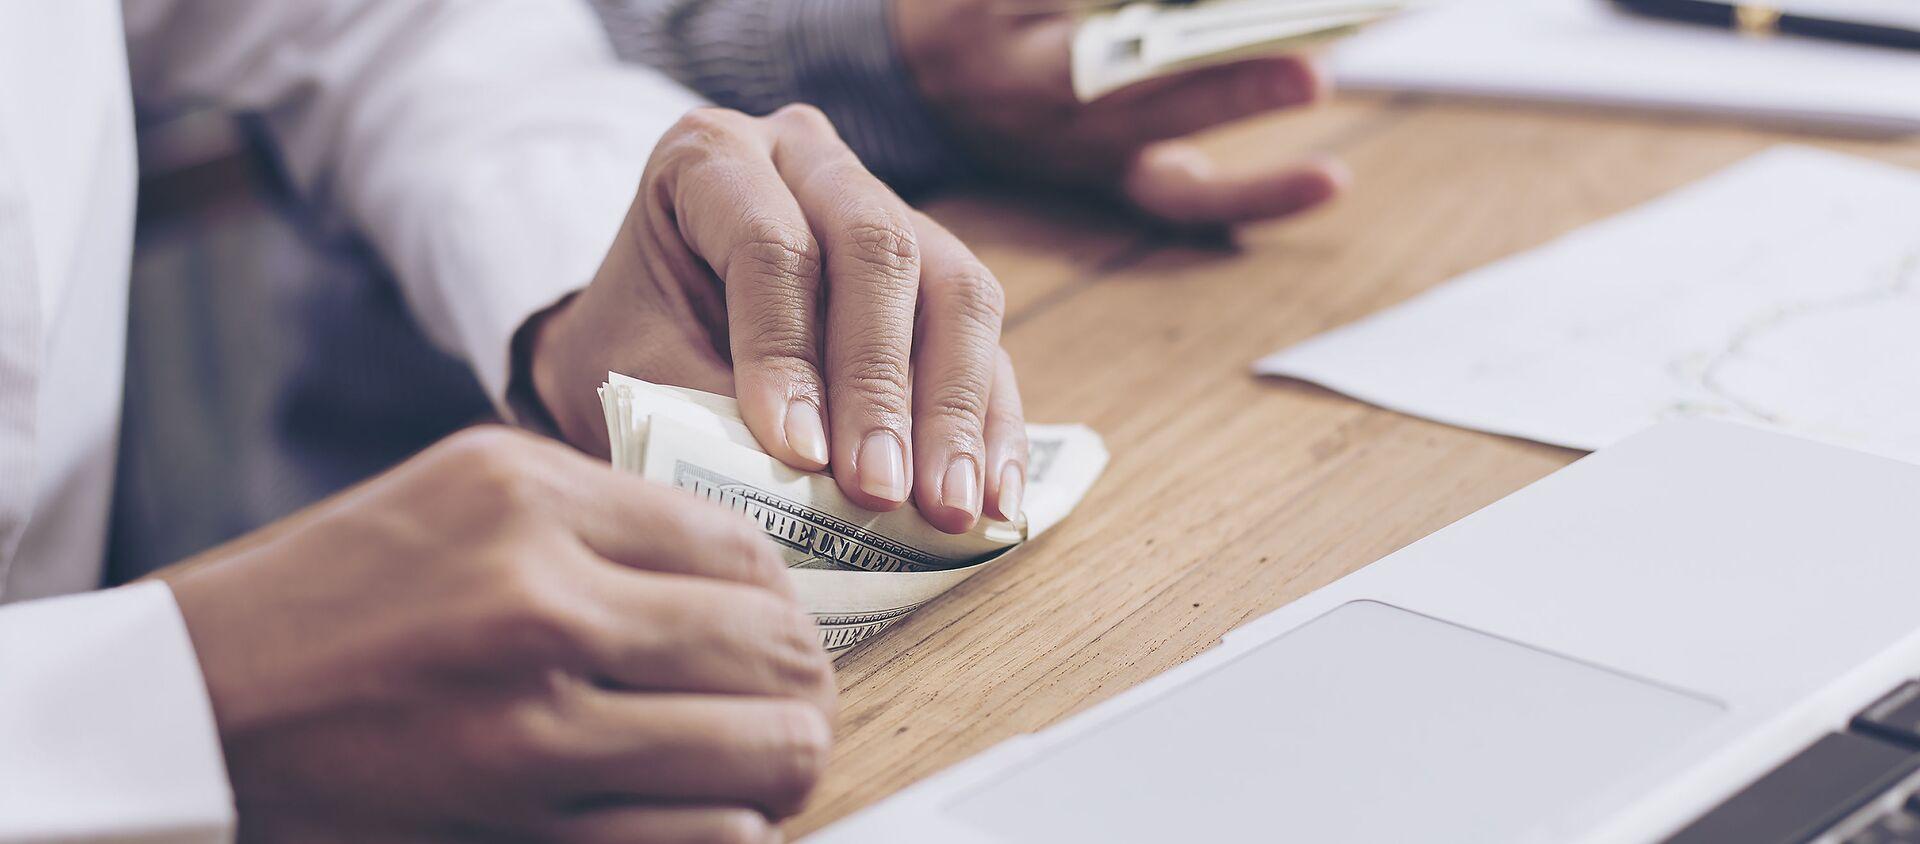 Nhà kinh doanh bỏ tiền vào túi - Sputnik Việt Nam, 1920, 05.07.2019